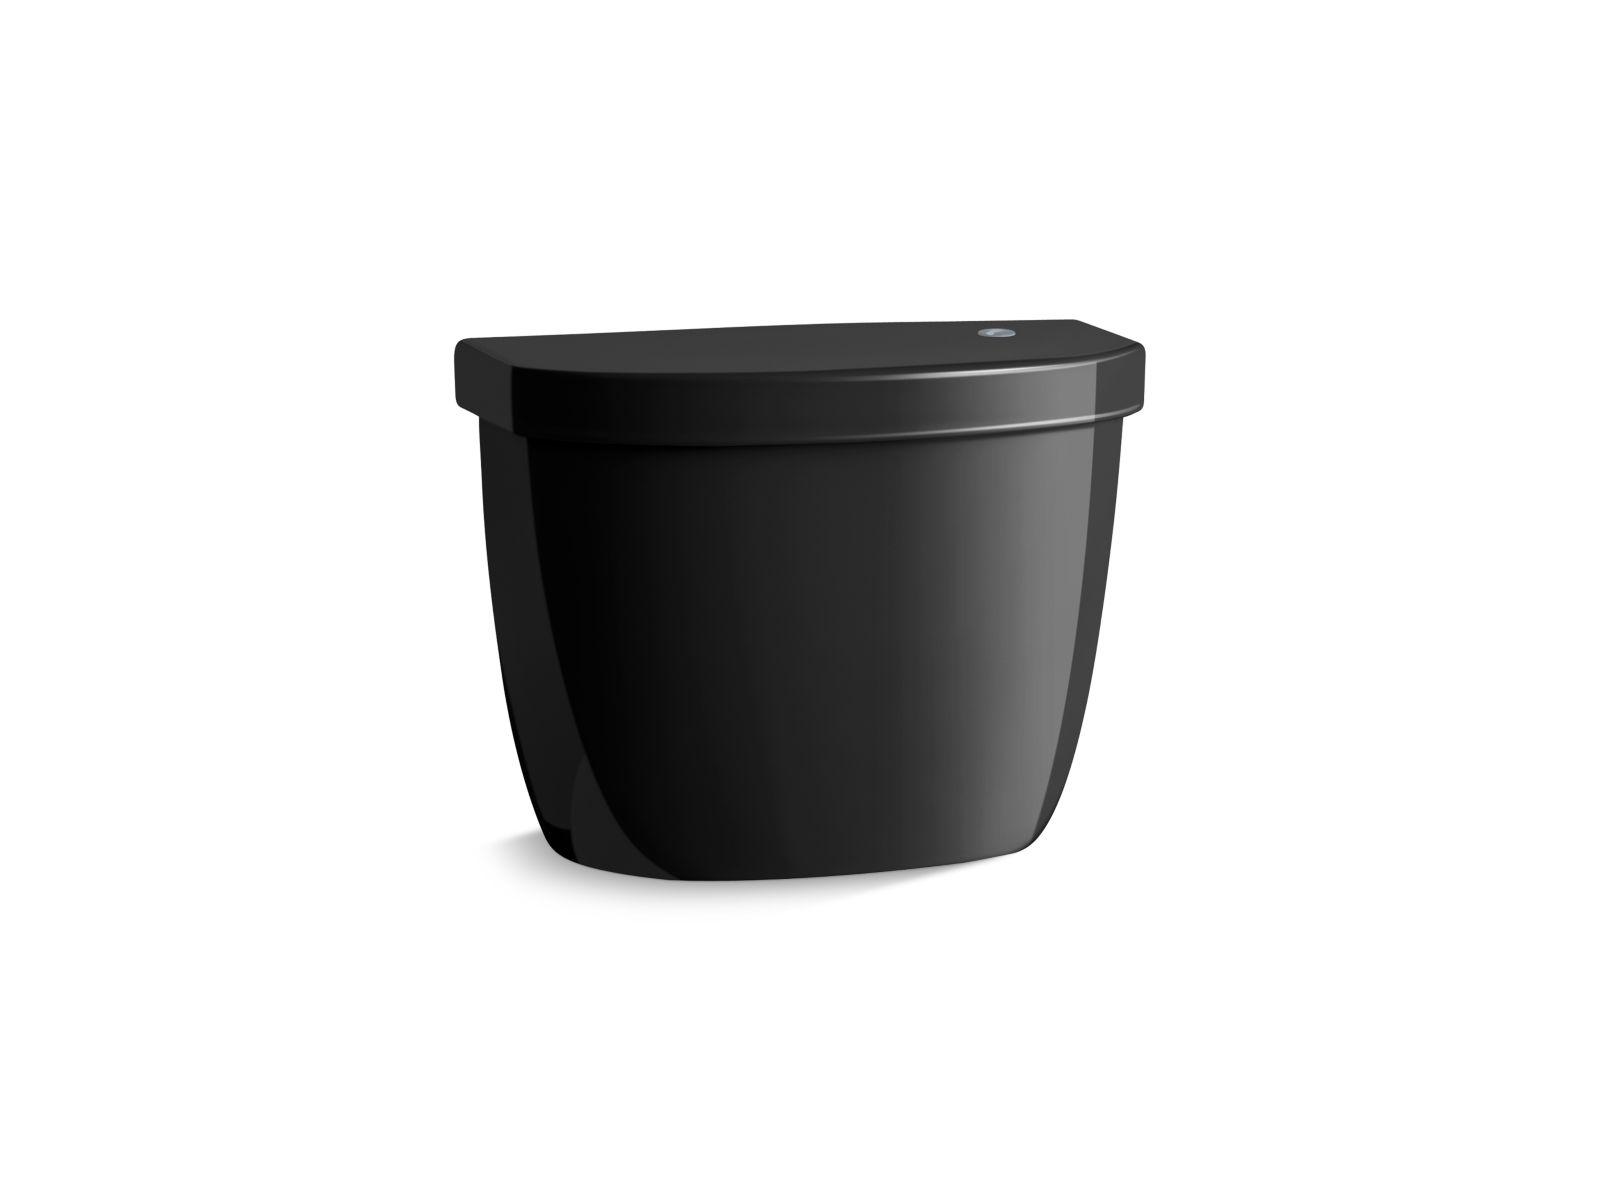 Kohler Cimarron® K-5693-7 tank for K-6419 round-front touchless toilet Black Black